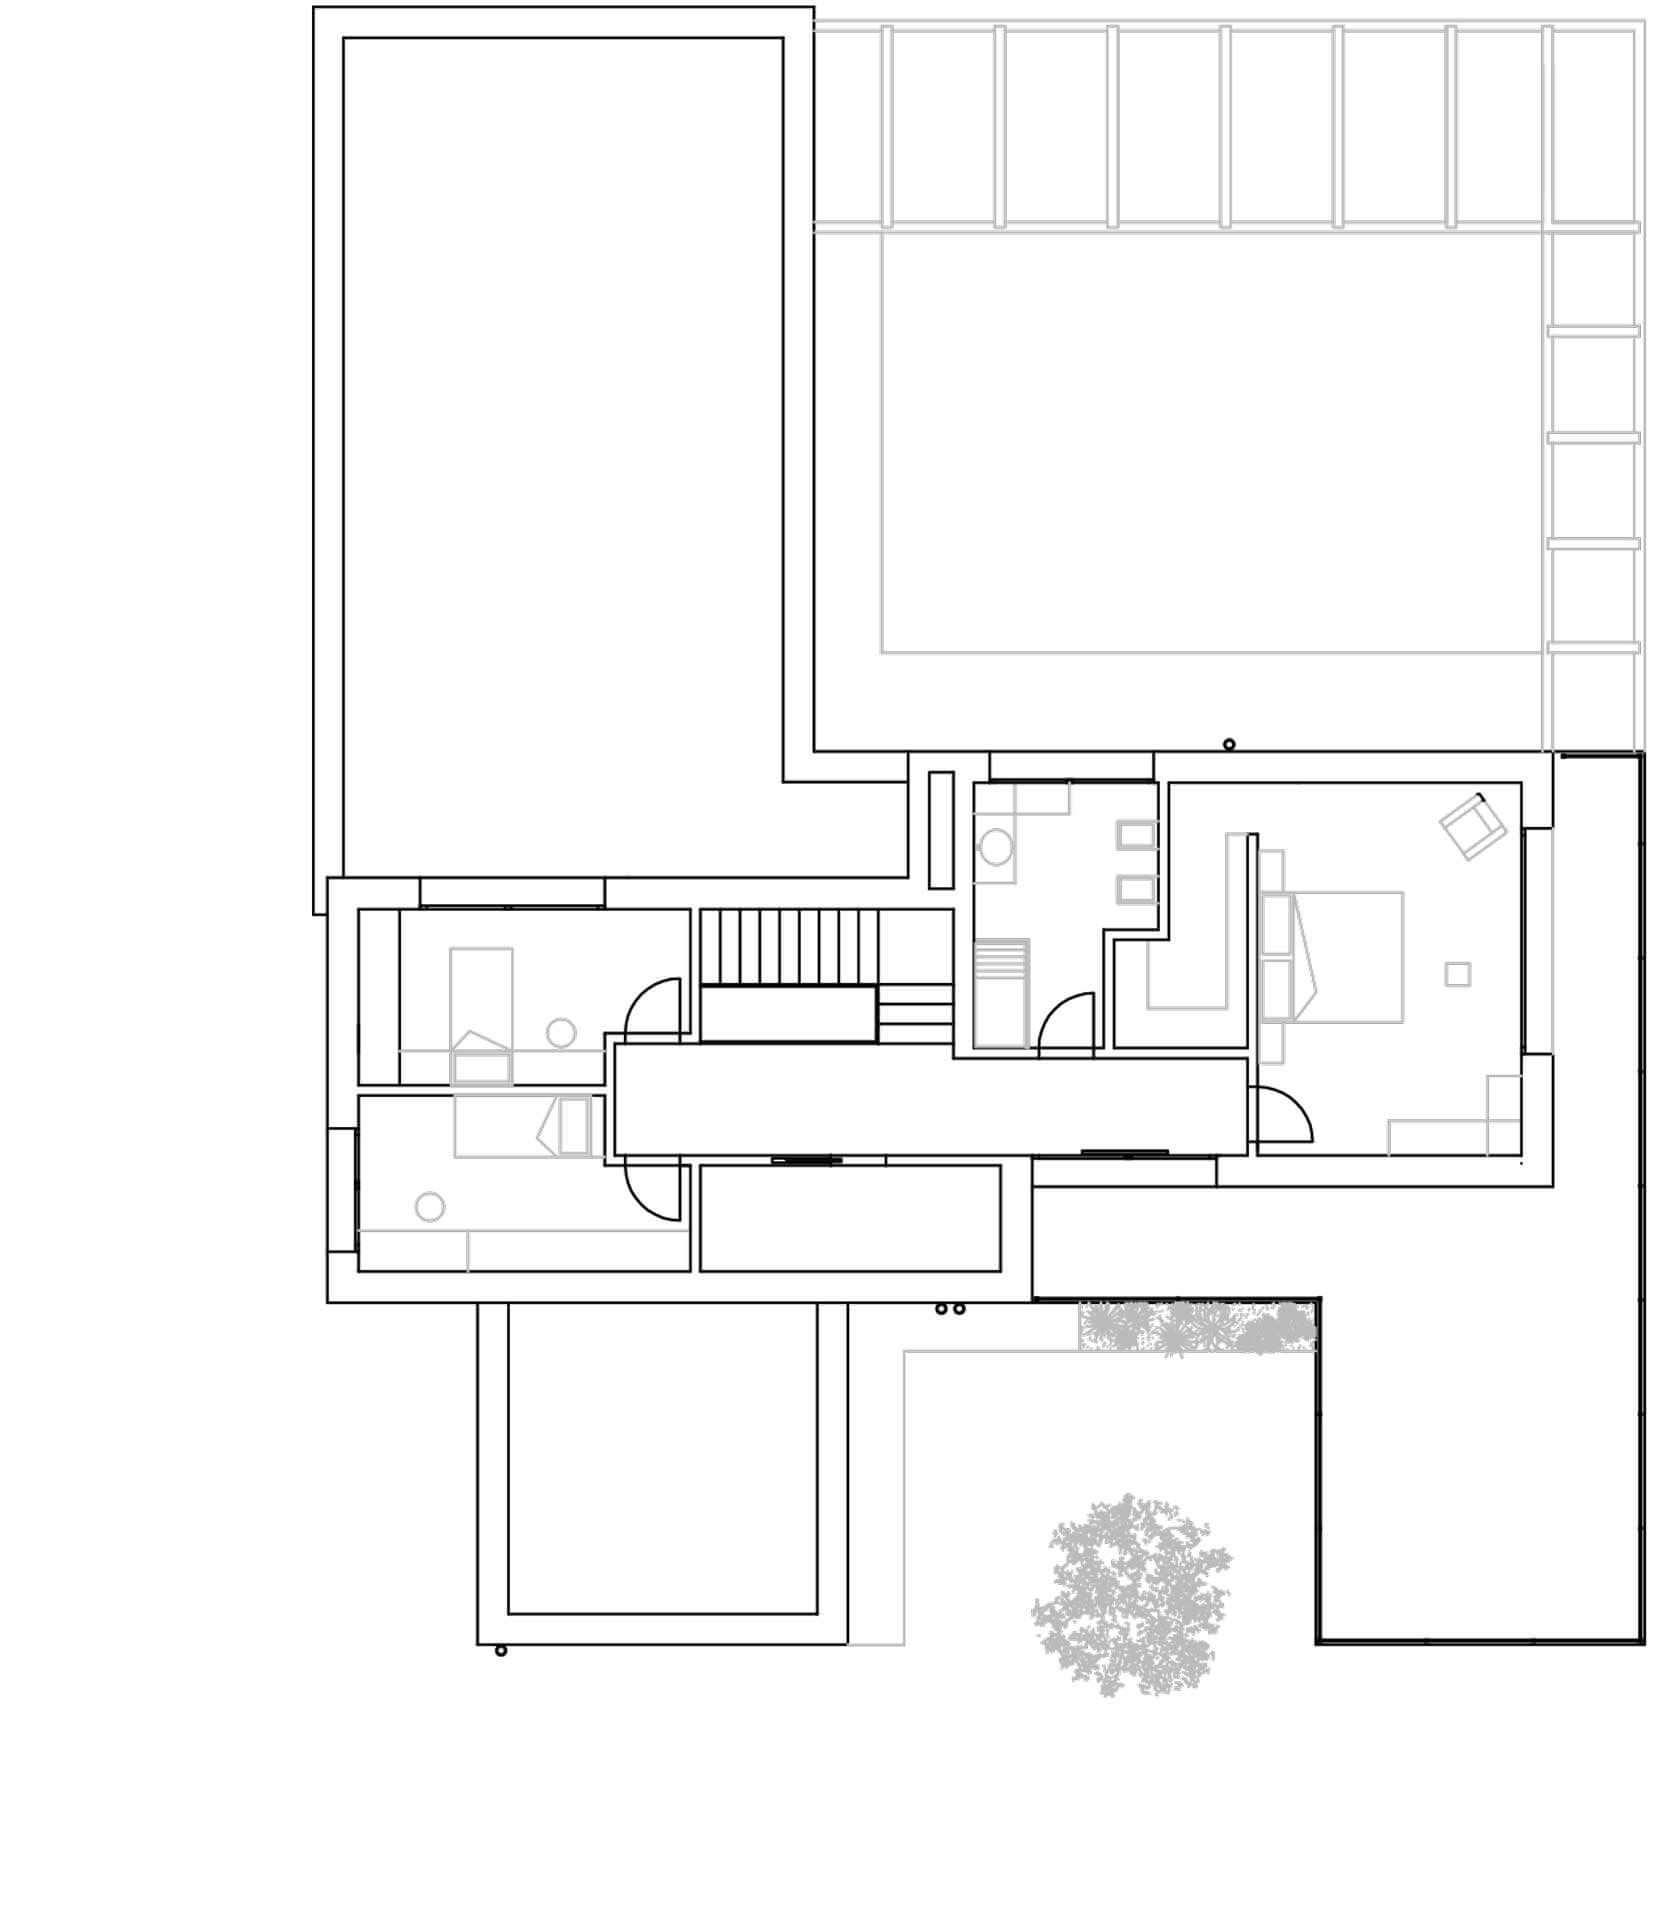 Tra portico e natura - planimetria